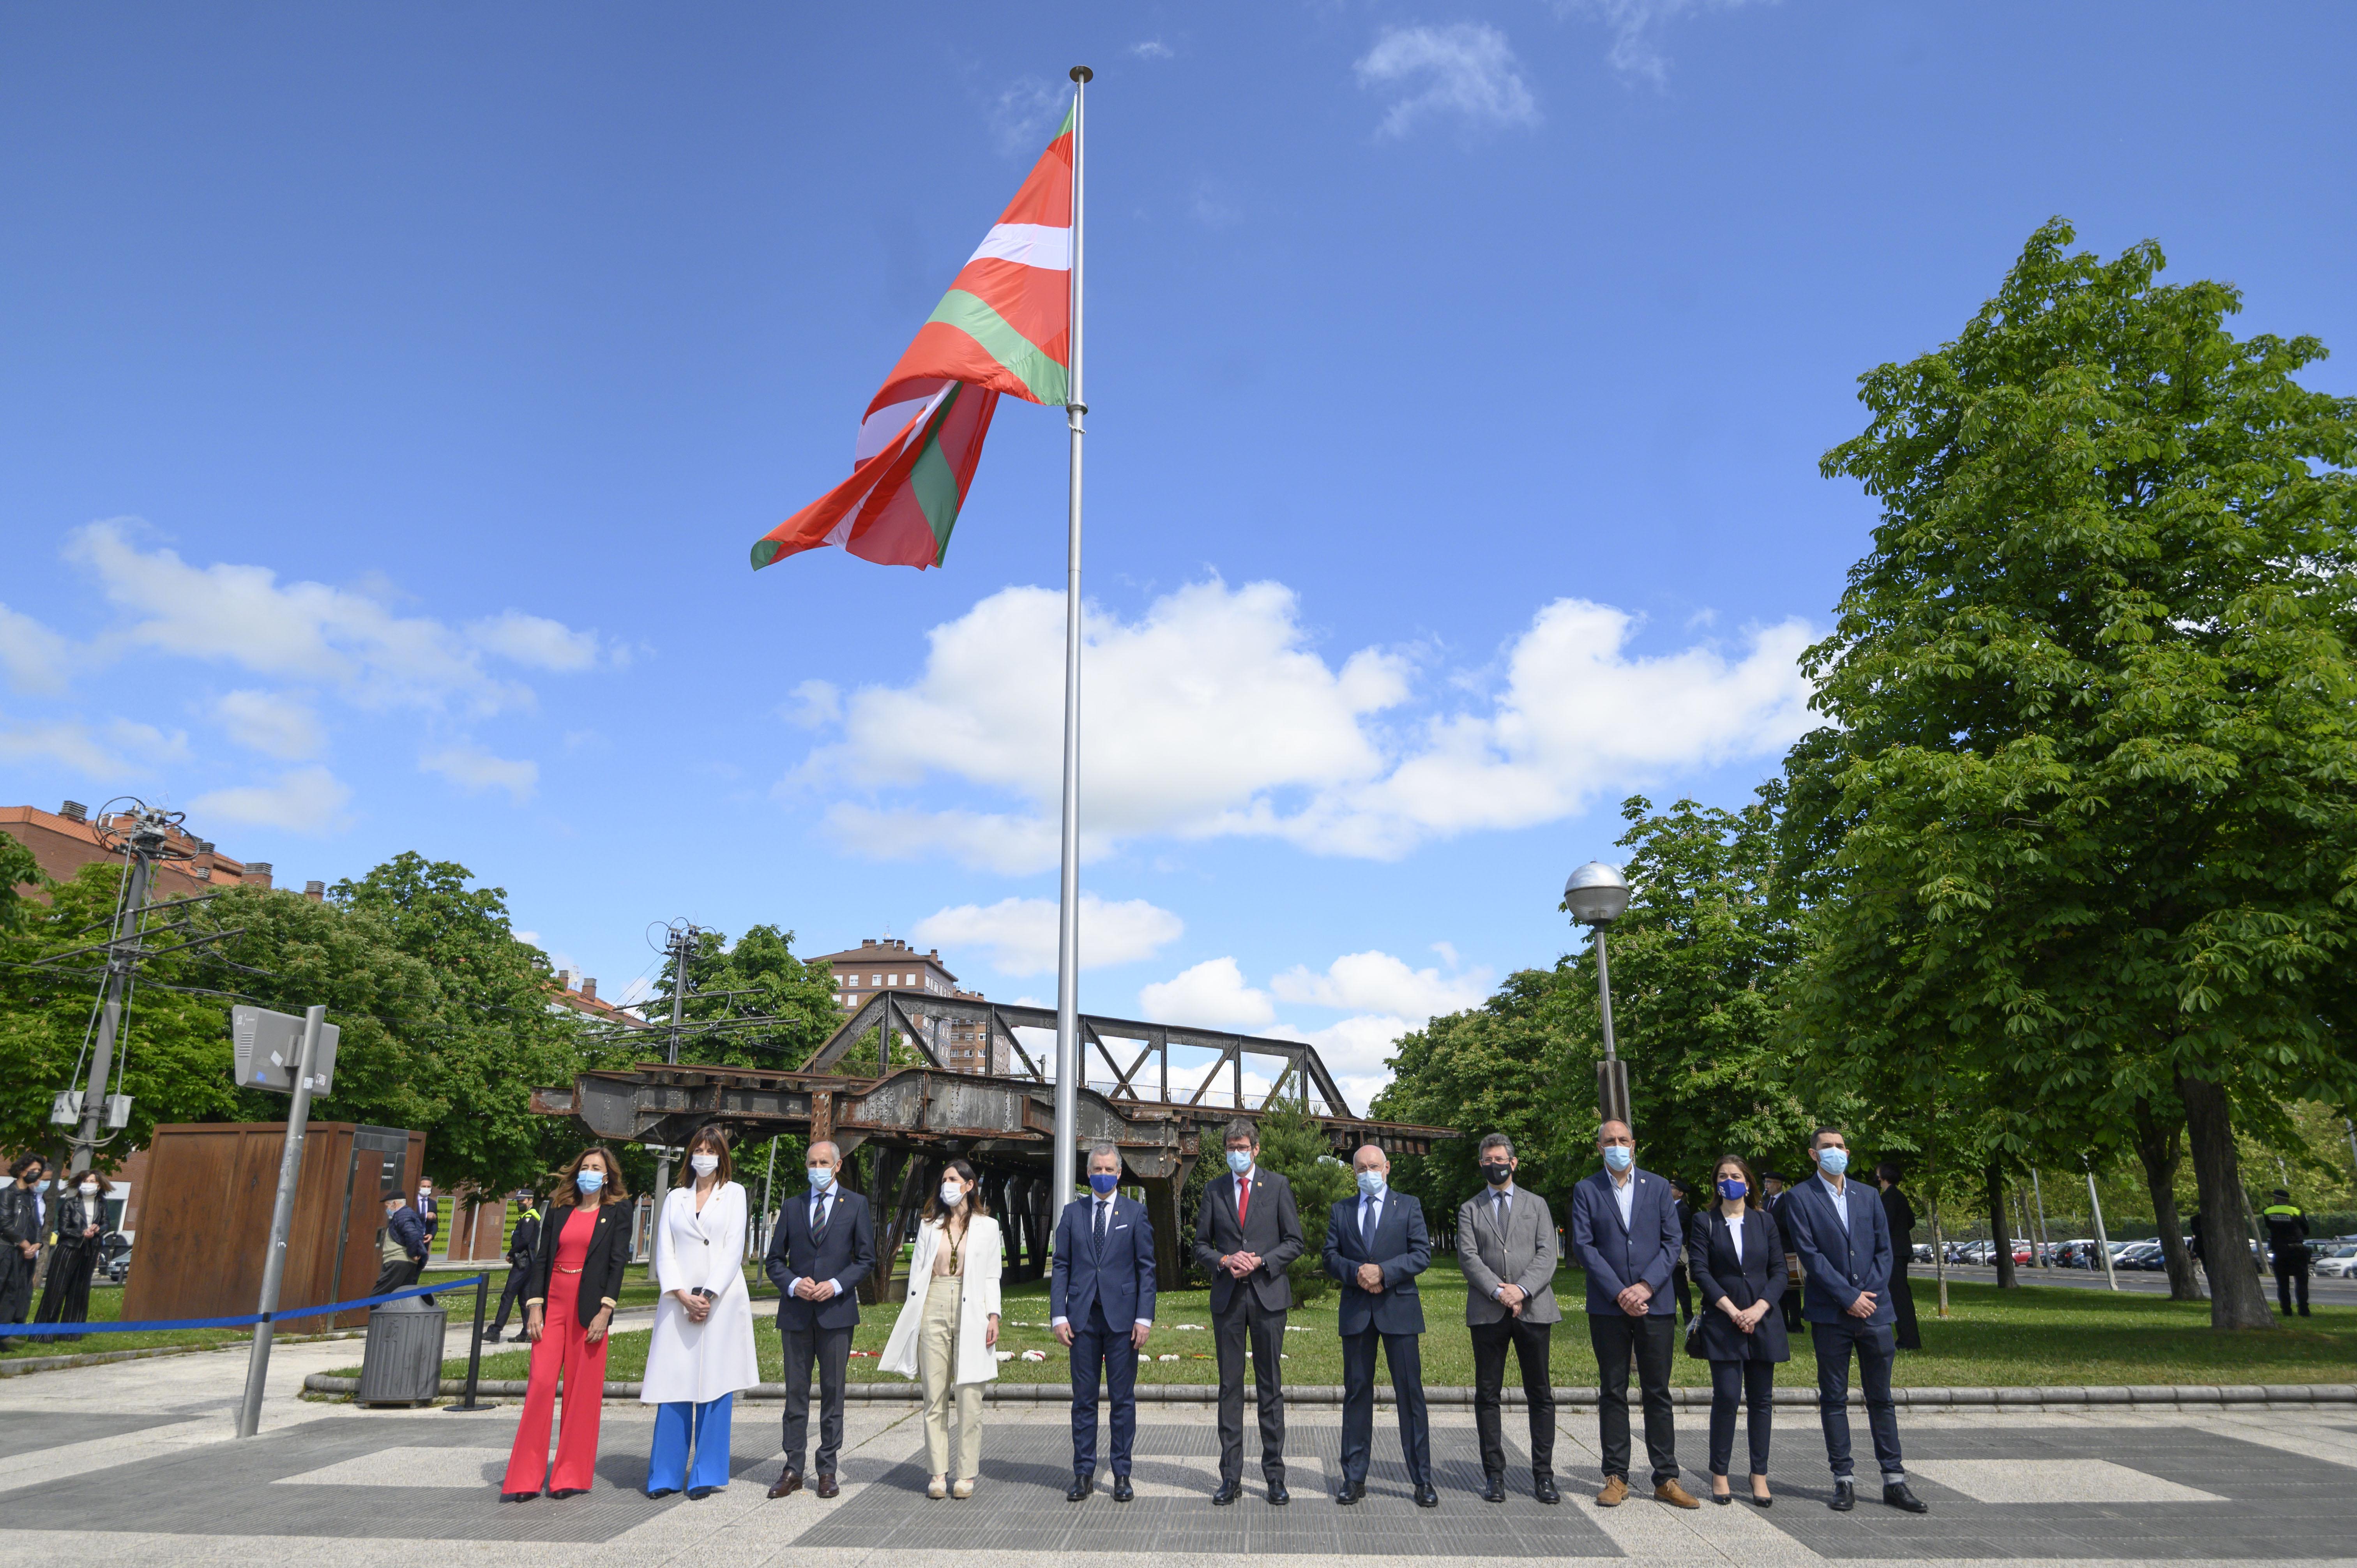 El Lehendakari y el Alcalde de Vitoria-Gasteiz ratifican la renovación del Convenio de Colaboración en el que se designa a Vitoria-Gasteiz como sede de las Instituciones Comunes [3:01]